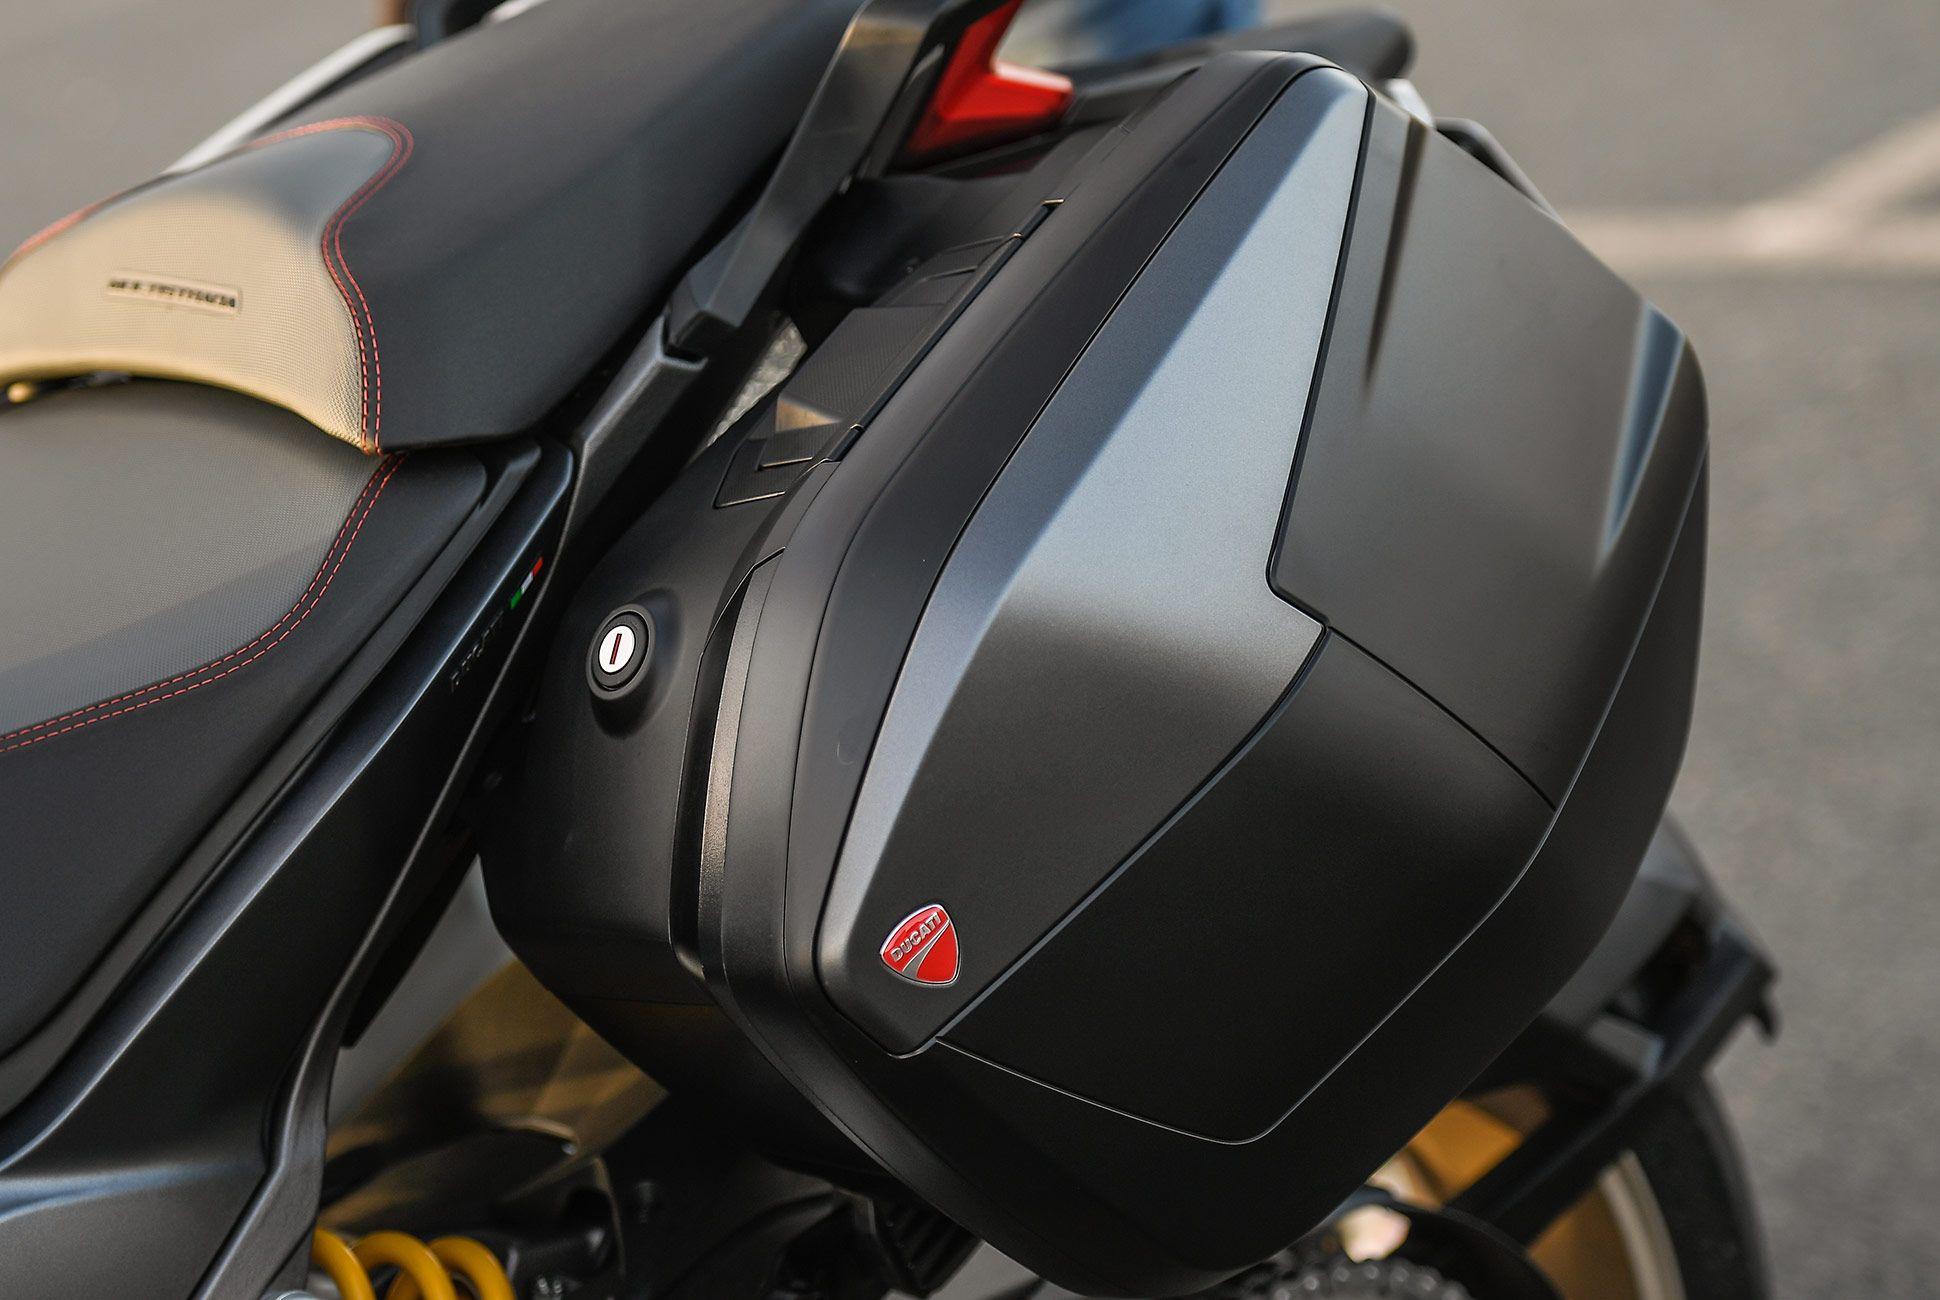 2018-Ducati-MTS-1260-Review-gear-patrol-7